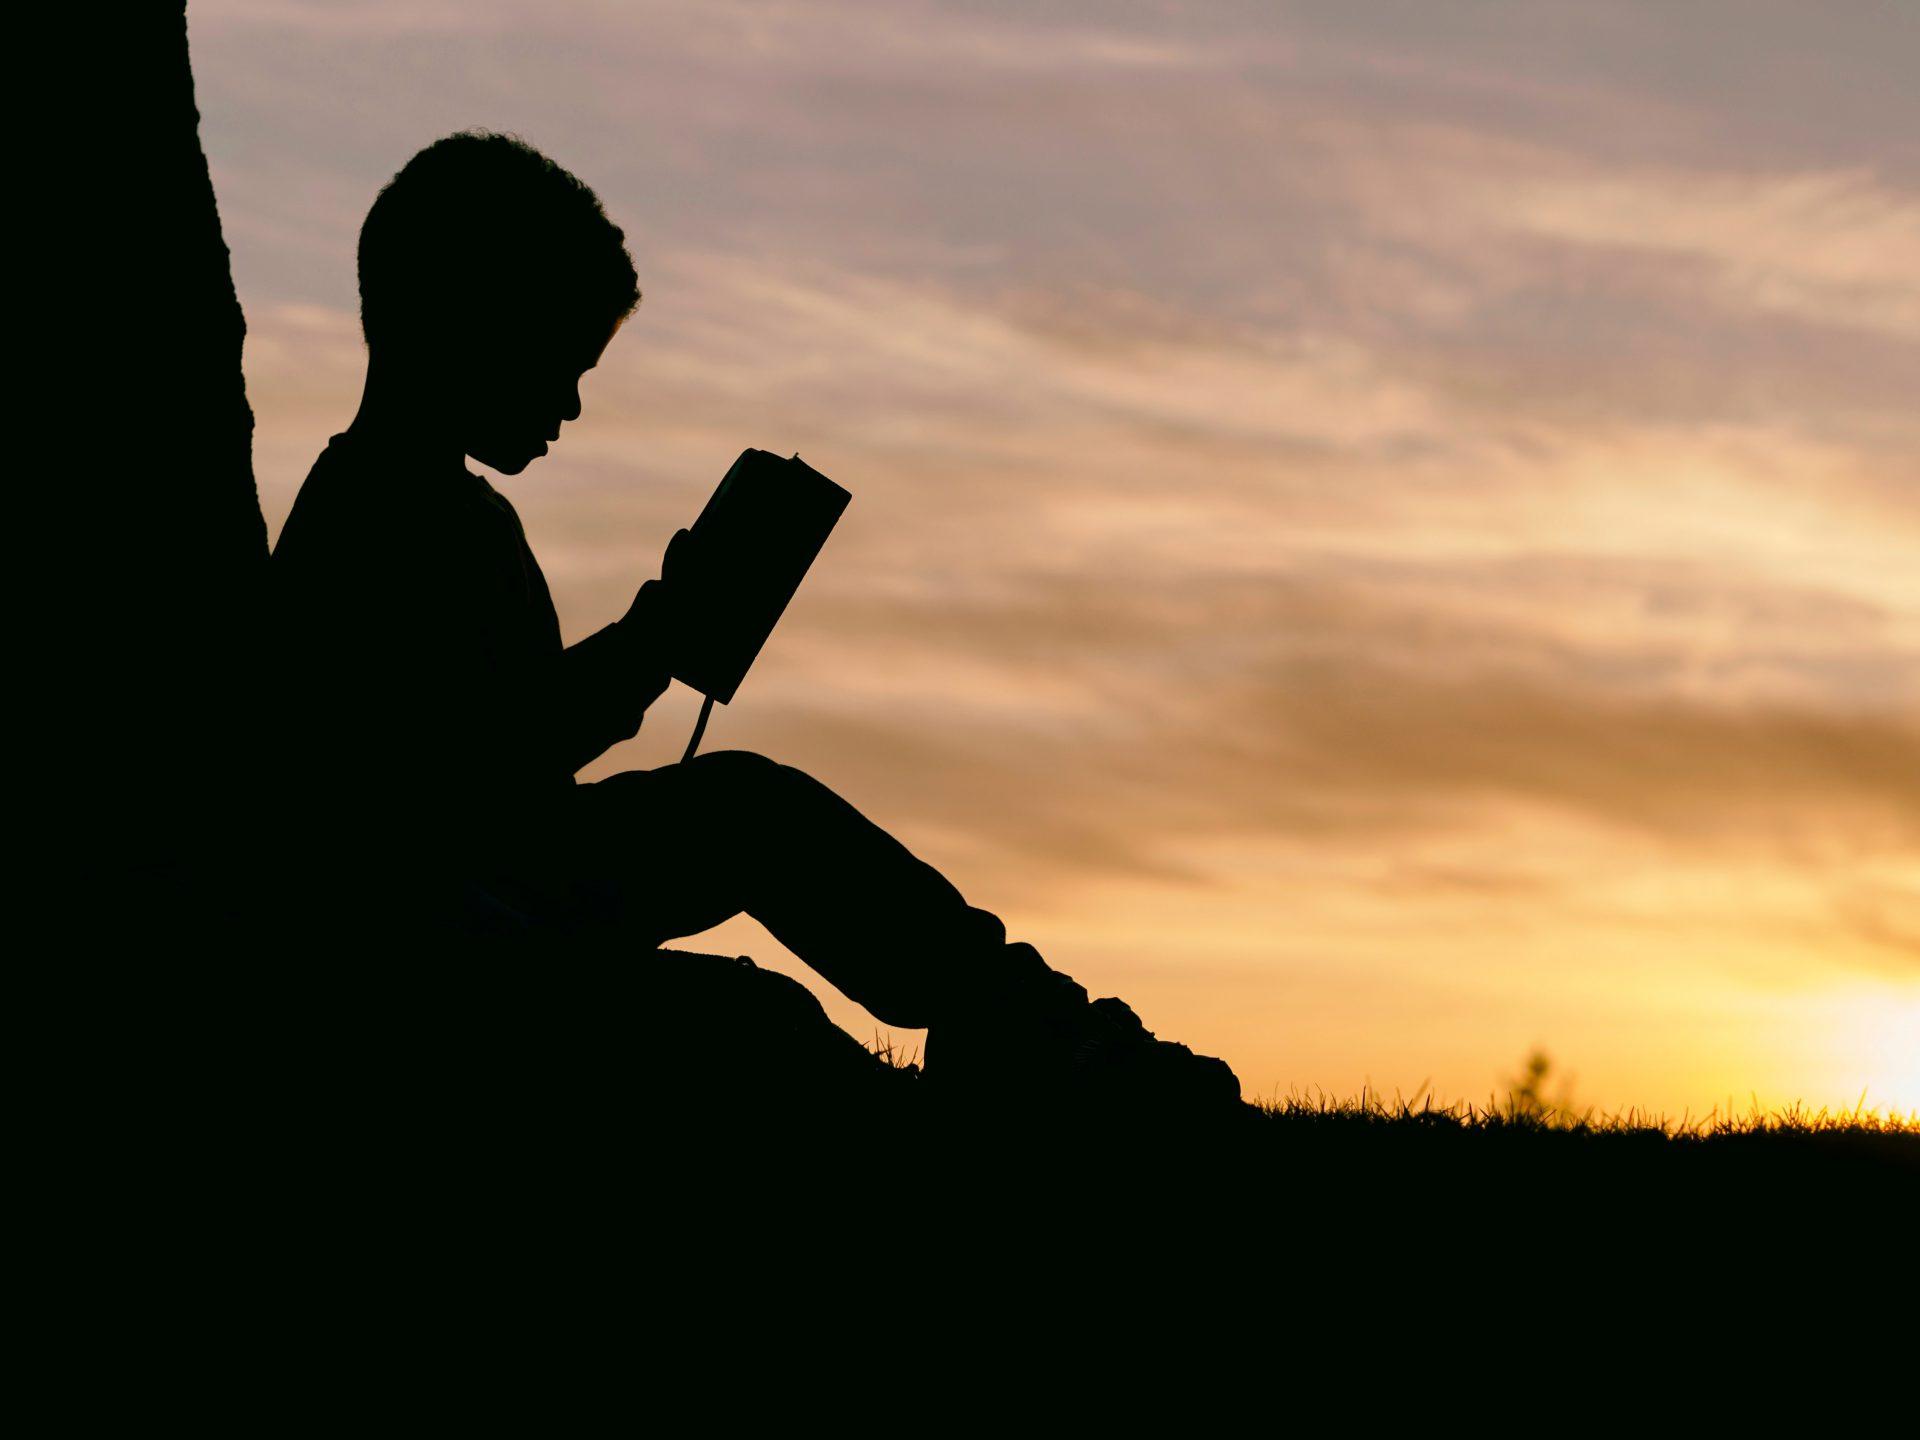 夕日が差し込む木陰で読書をする少年の写真